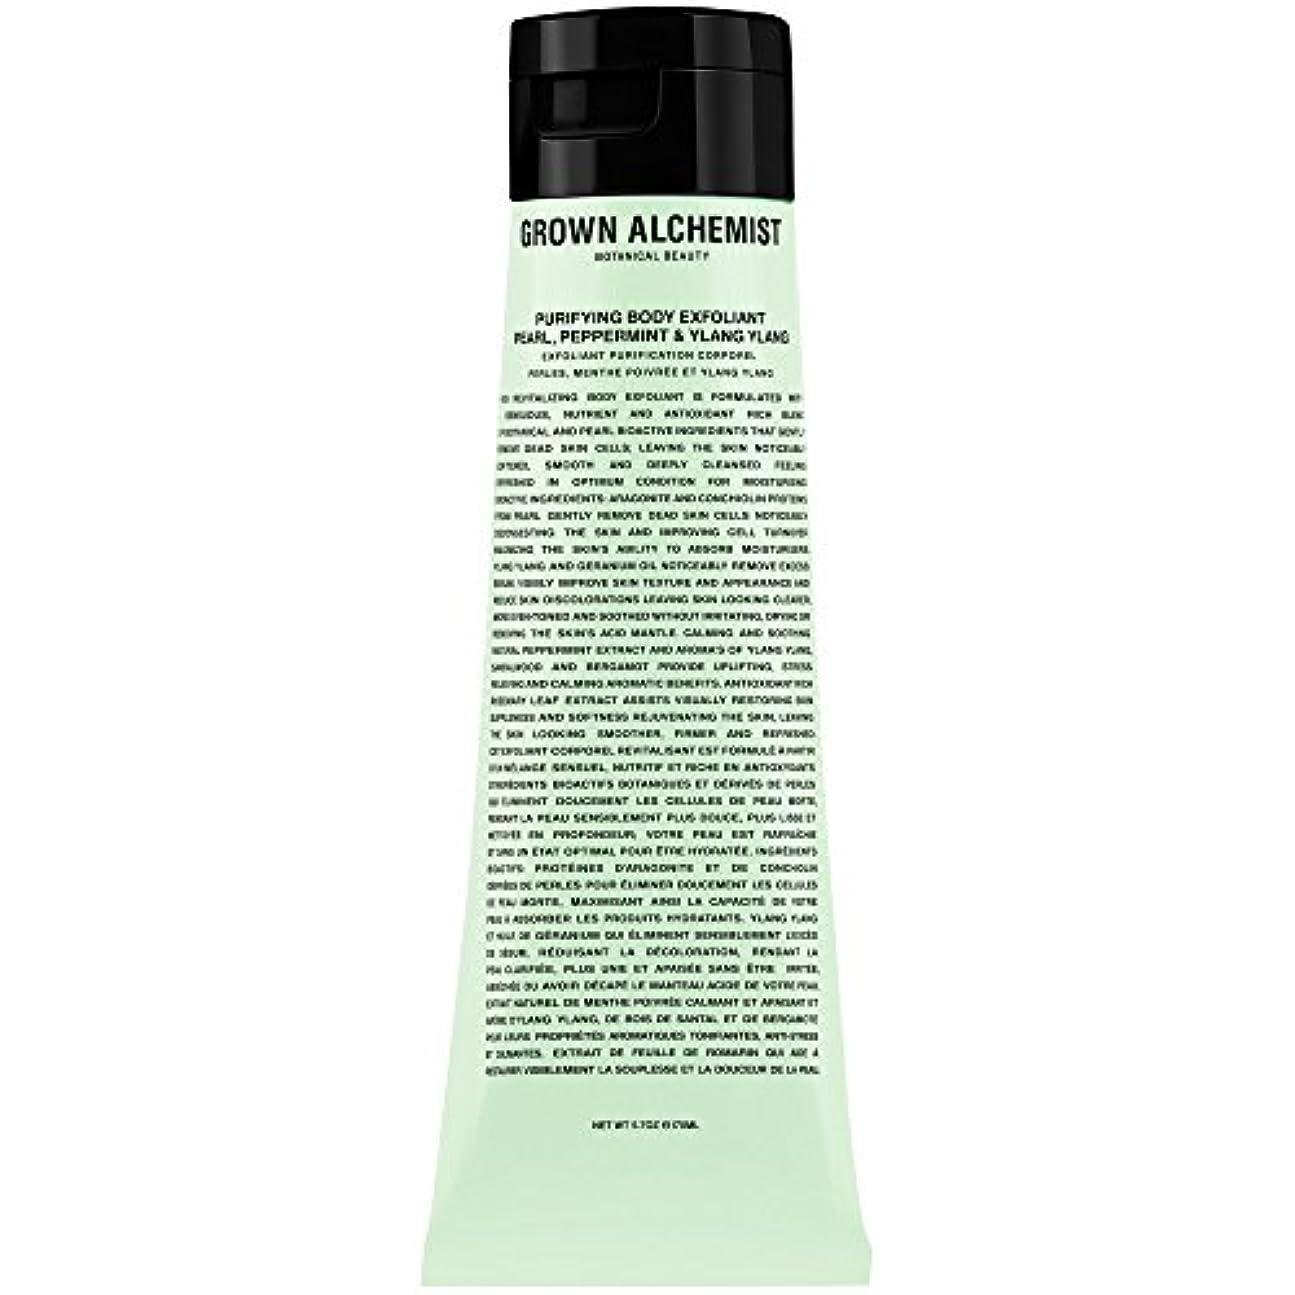 急流豊かなすなわち成長した錬金術師浄化体剥脱真珠ペパーミント&イランイラン170ミリリットル (Grown Alchemist) (x6) - Grown Alchemist Purifying Body Exfoliant Pearl...